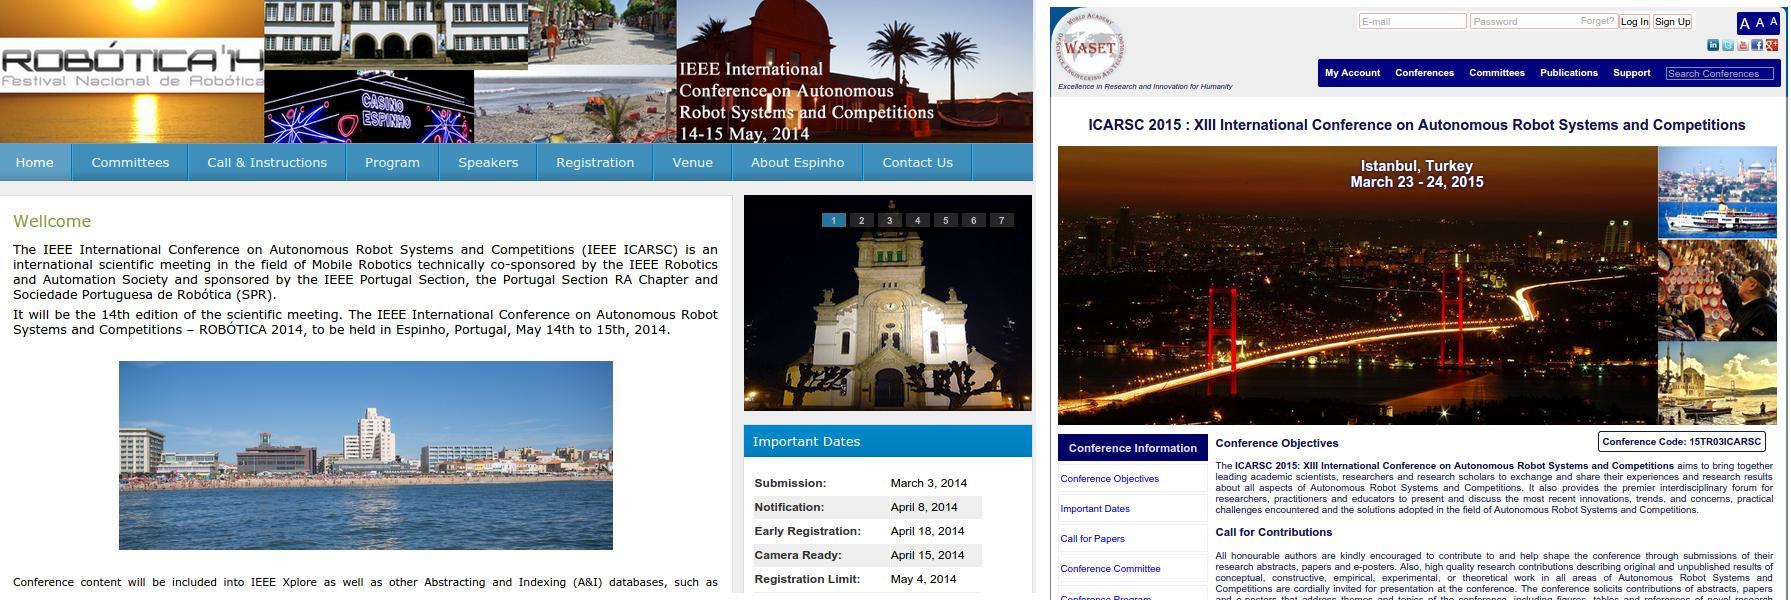 Cuidado con los congresos científicos falsos de WASET.org